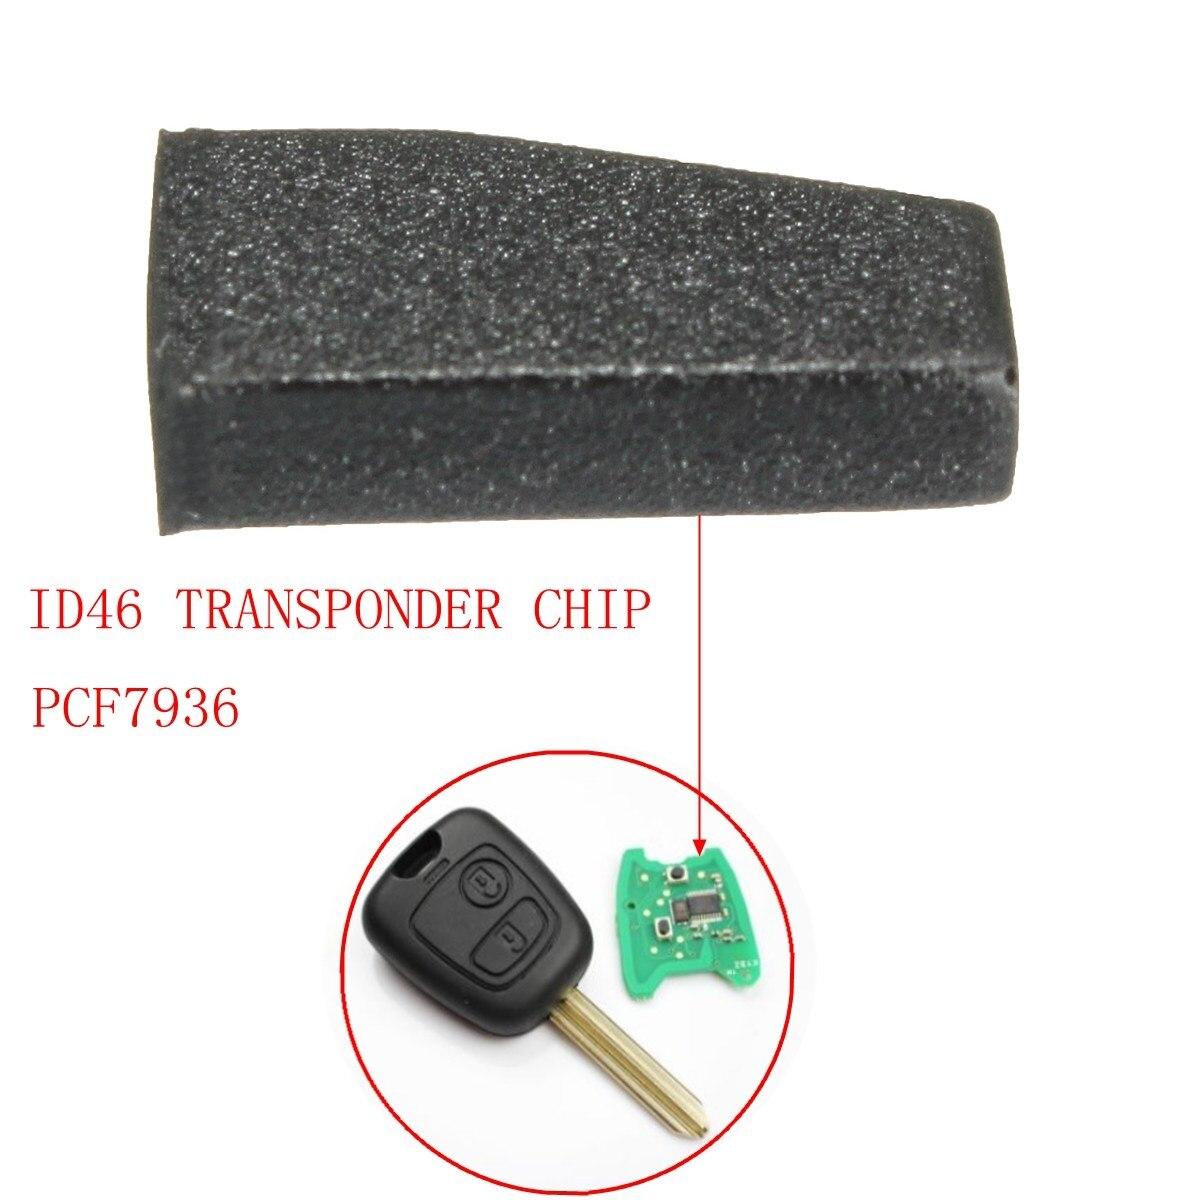 car transponder chip reviews - online shopping car transponder